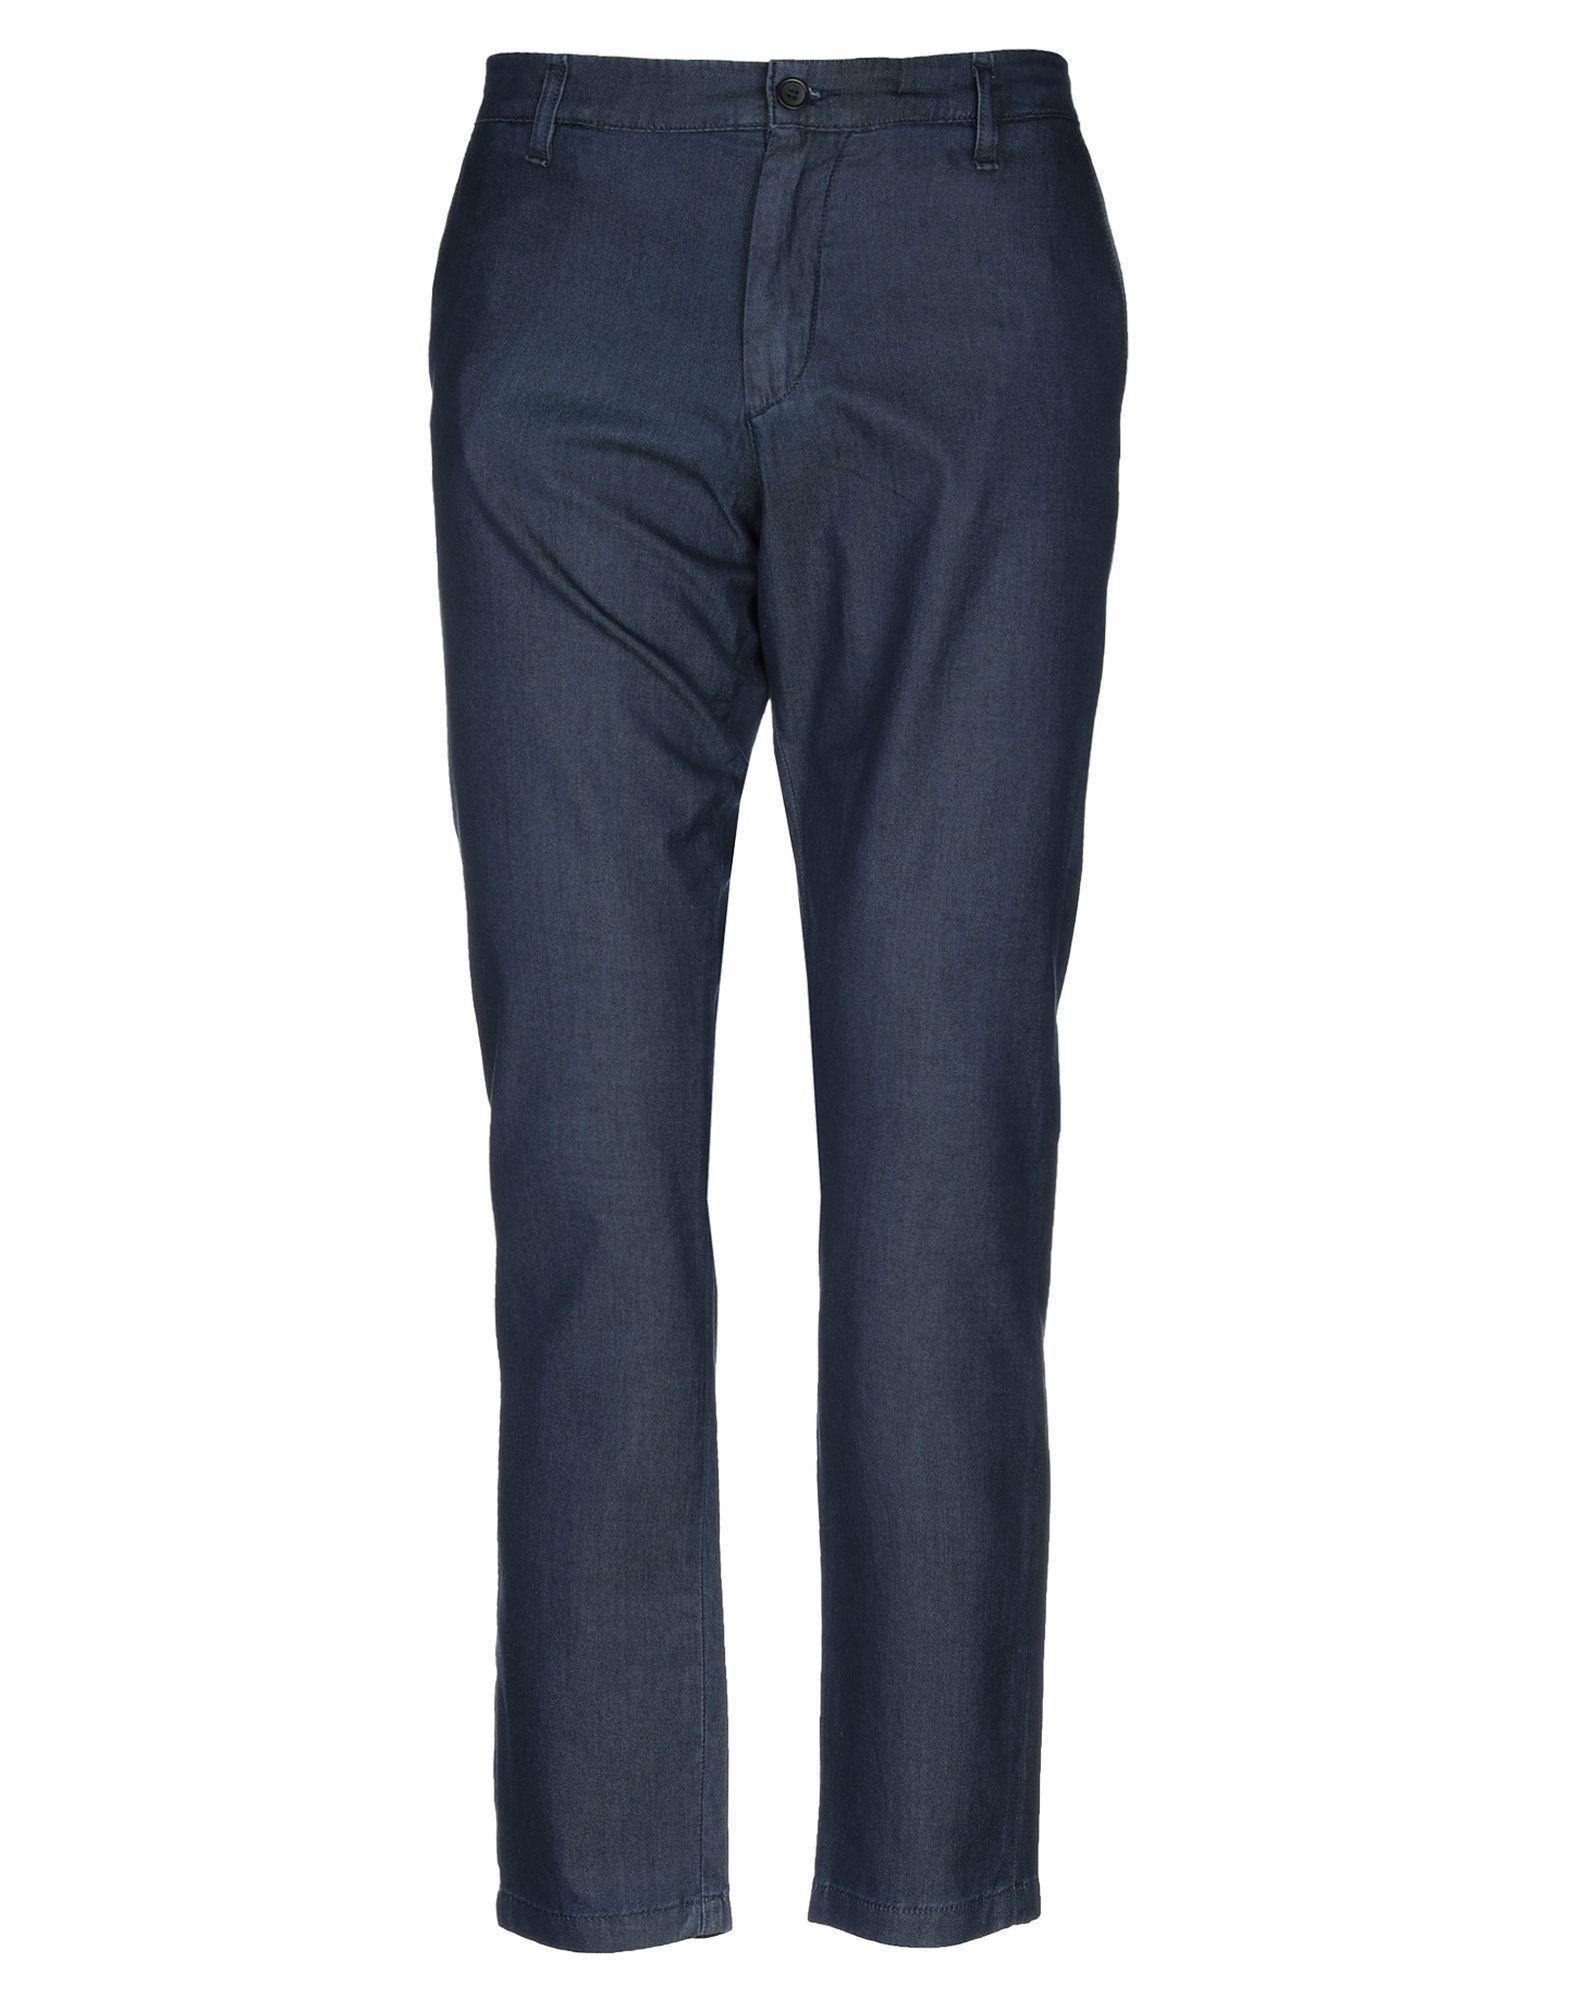 Guess Blue Cotton Jeans